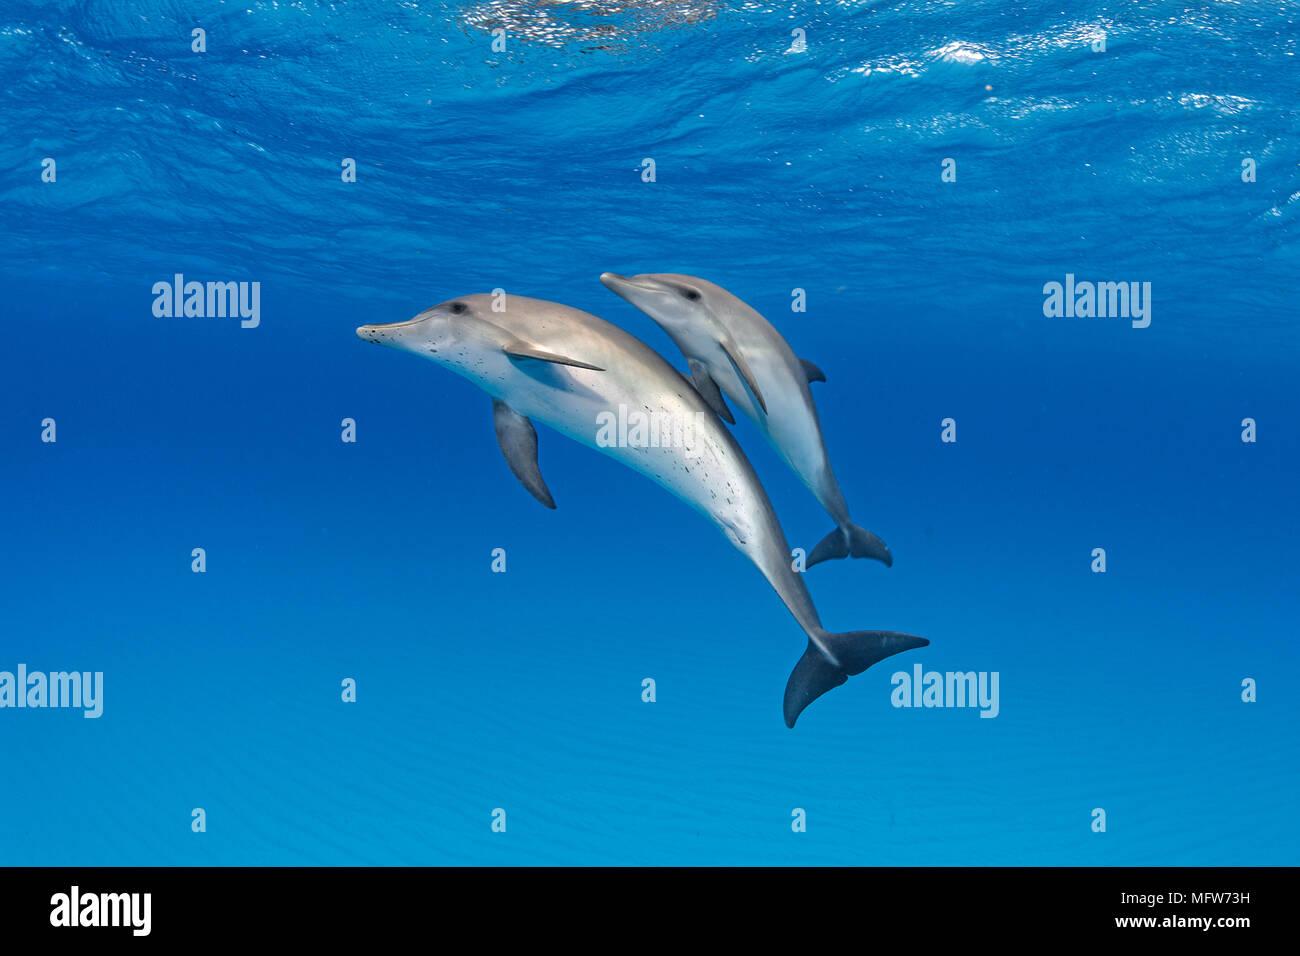 Delfines moteados del Atlántico (Stenella frontalis), madre de ternera, Bahama Bancos, Bahamas Foto de stock